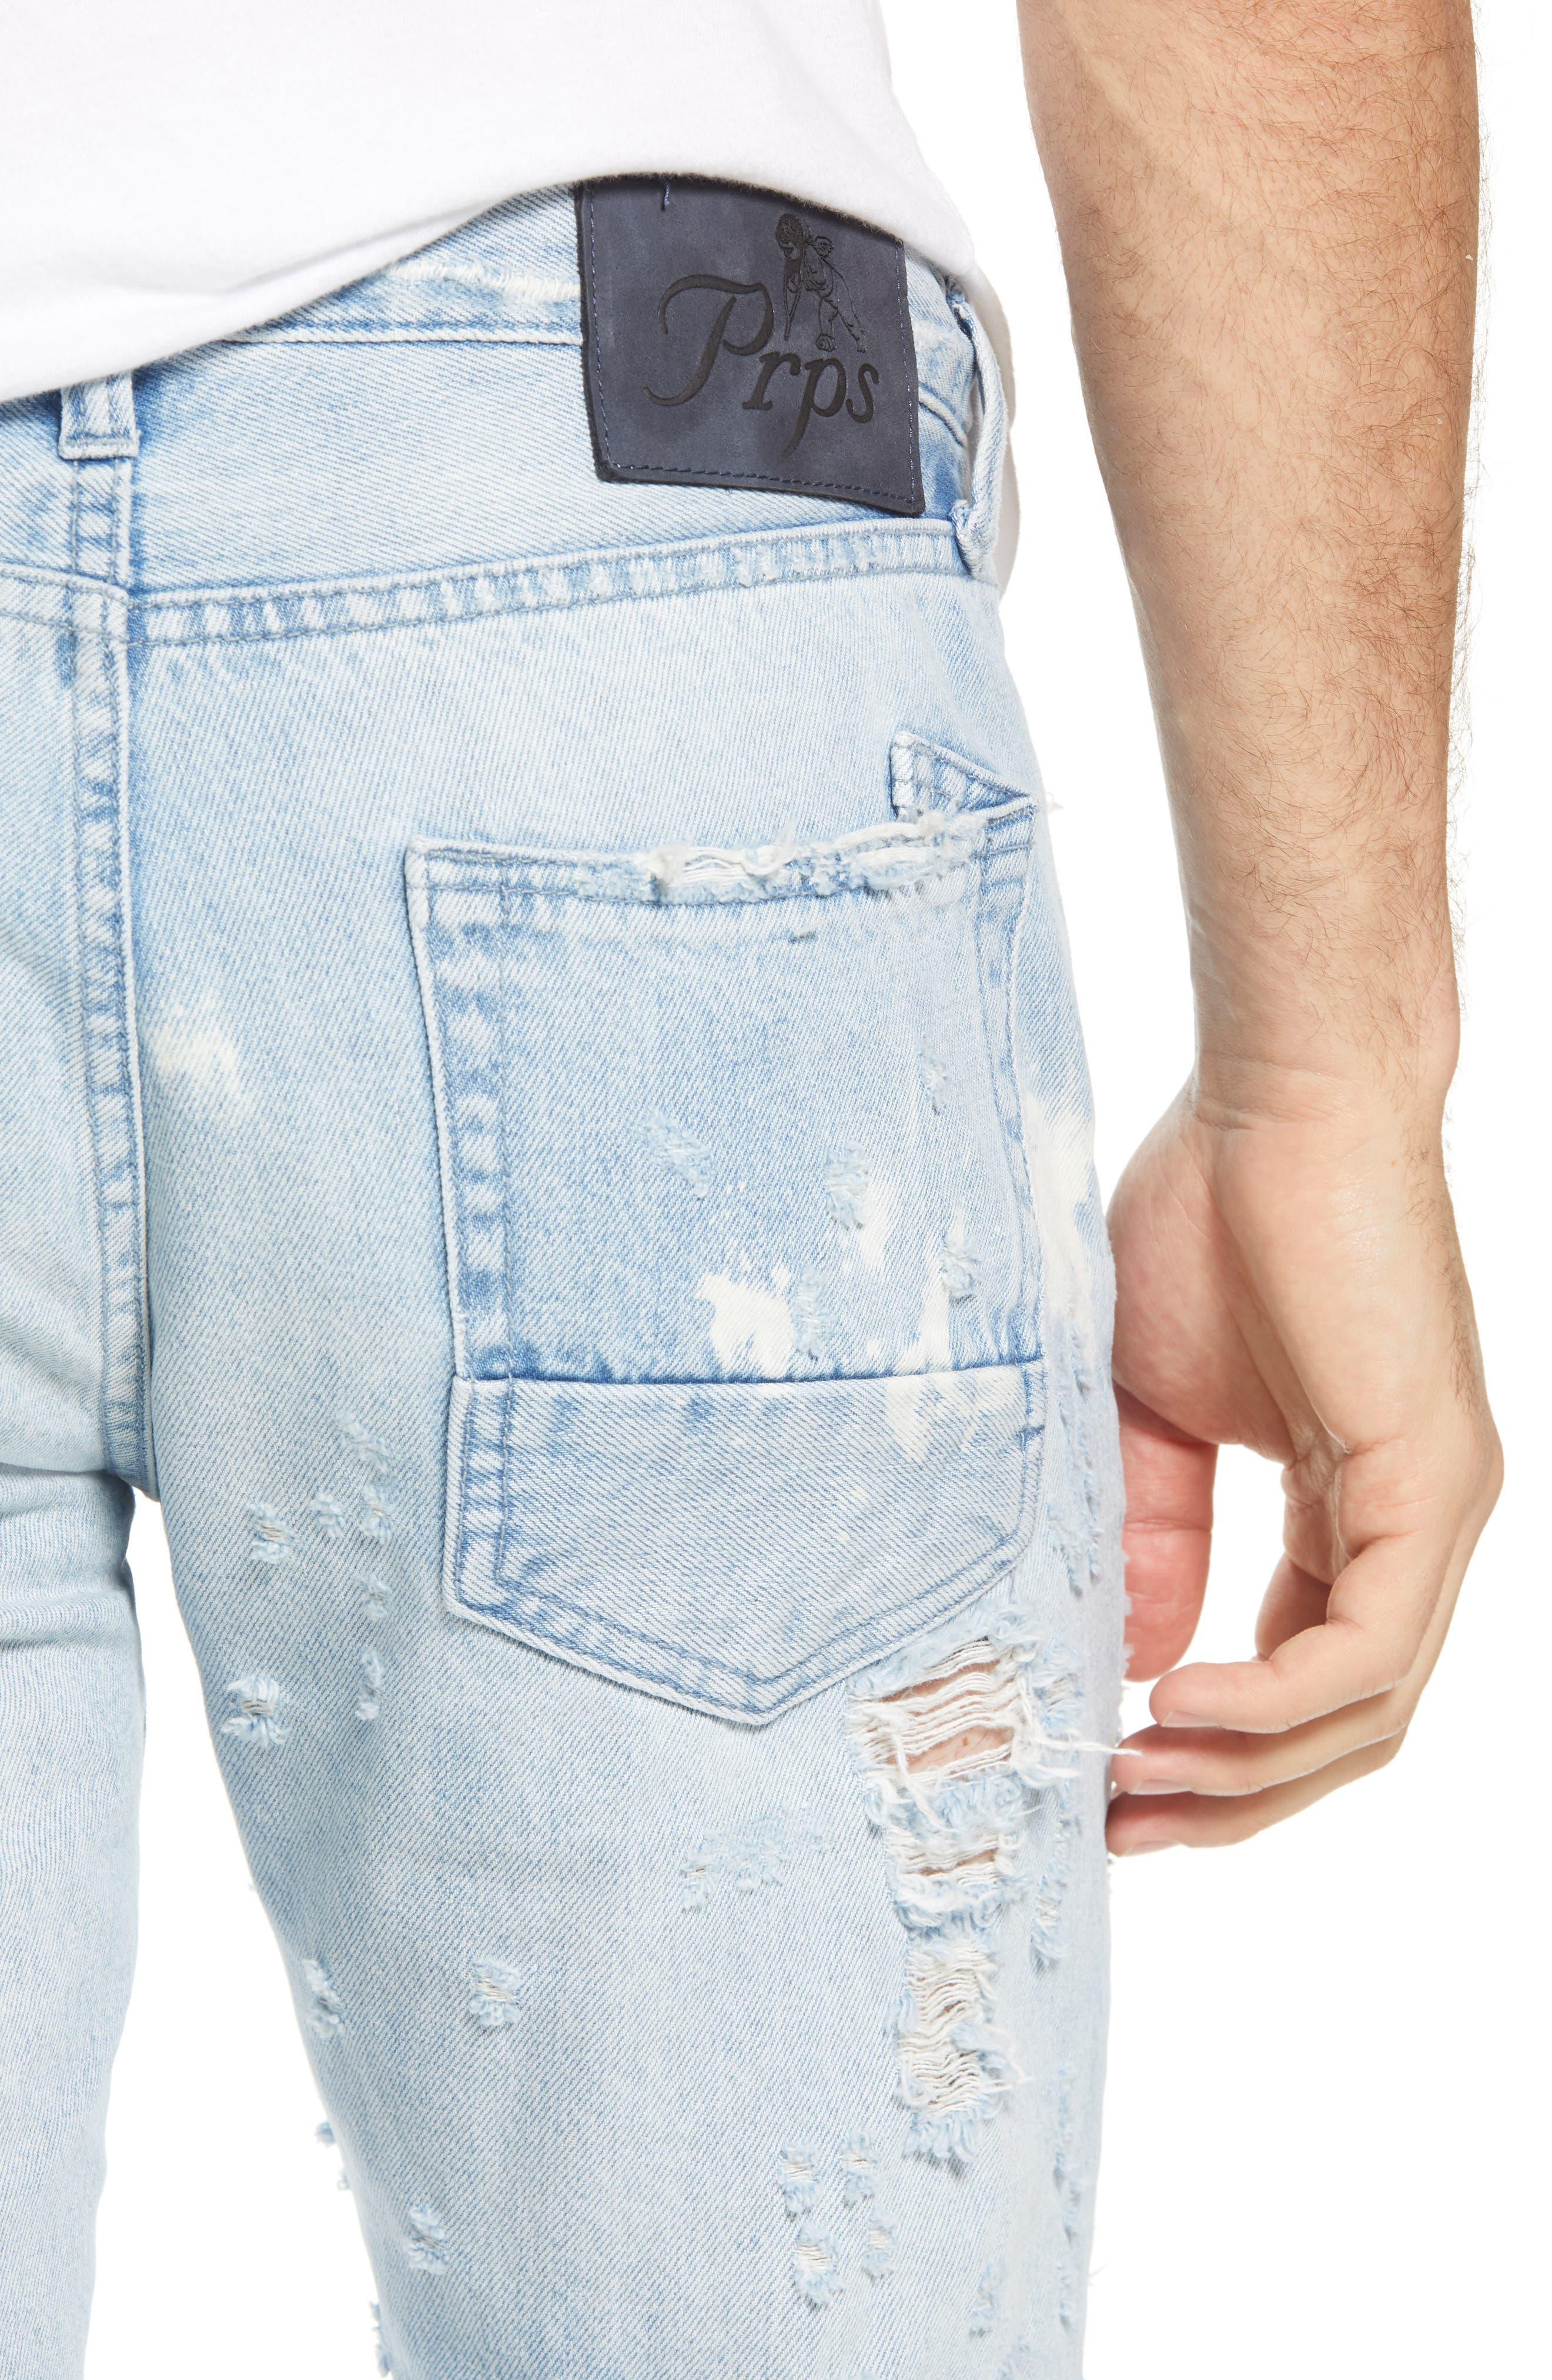 Le Sabre Slim Fit Jeans,                             Alternate thumbnail 4, color,                             Lavish